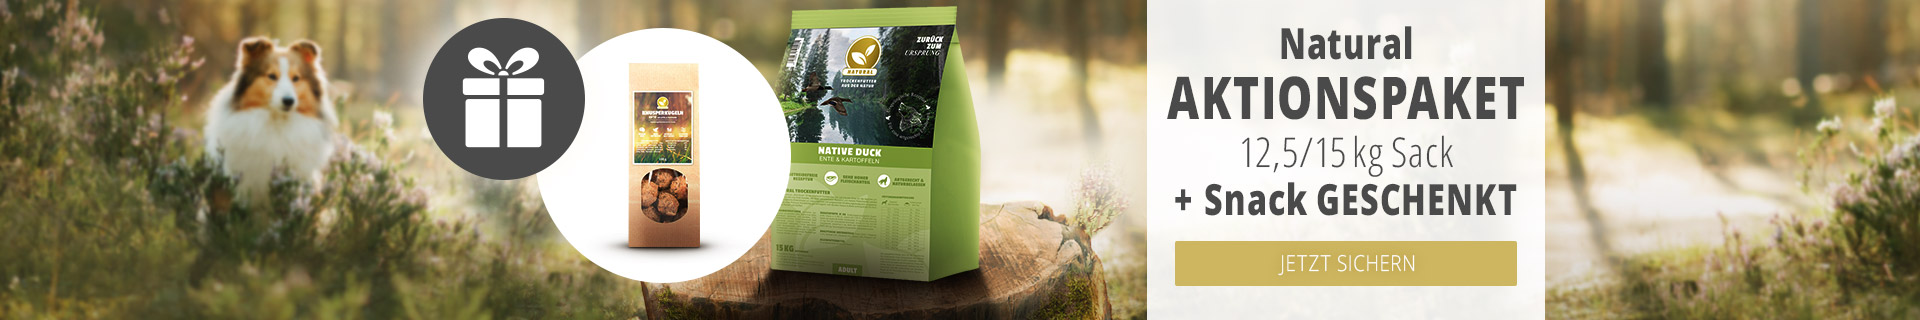 Natural Aktion für Hunde - Snack Knusperkugeln geschenkt